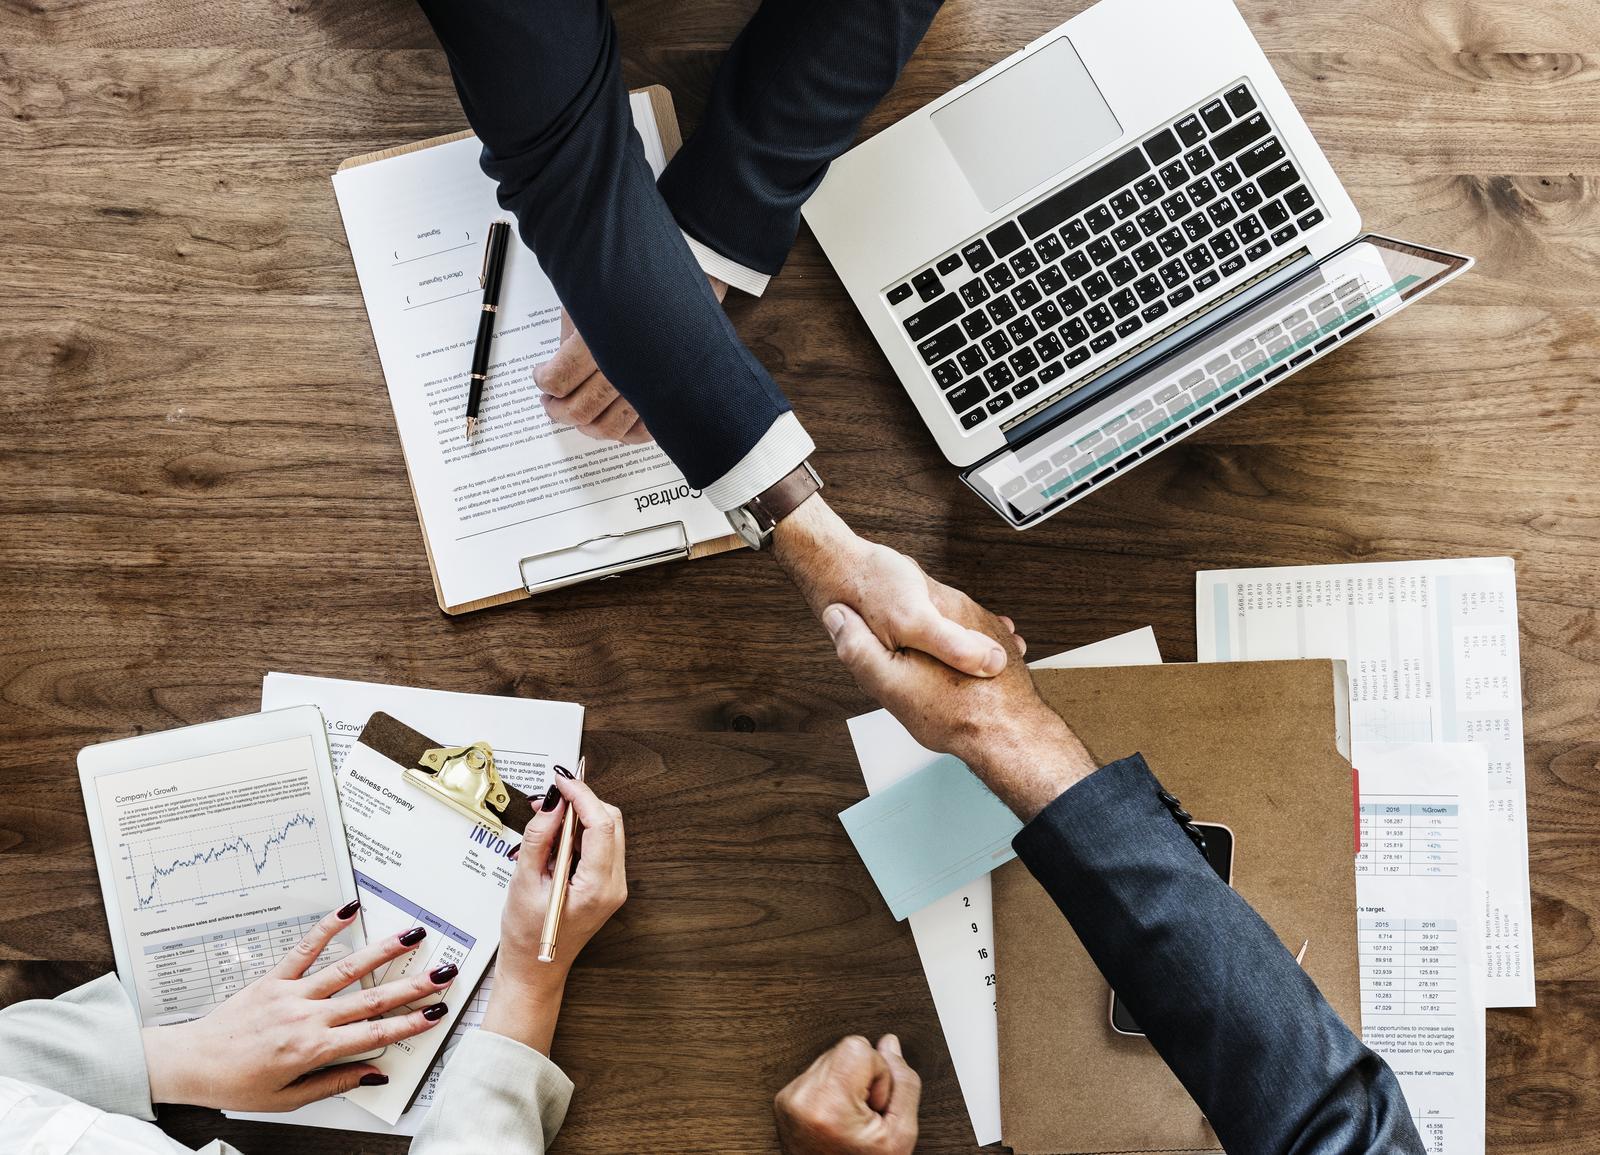 Activities of holding companies in Tallinn